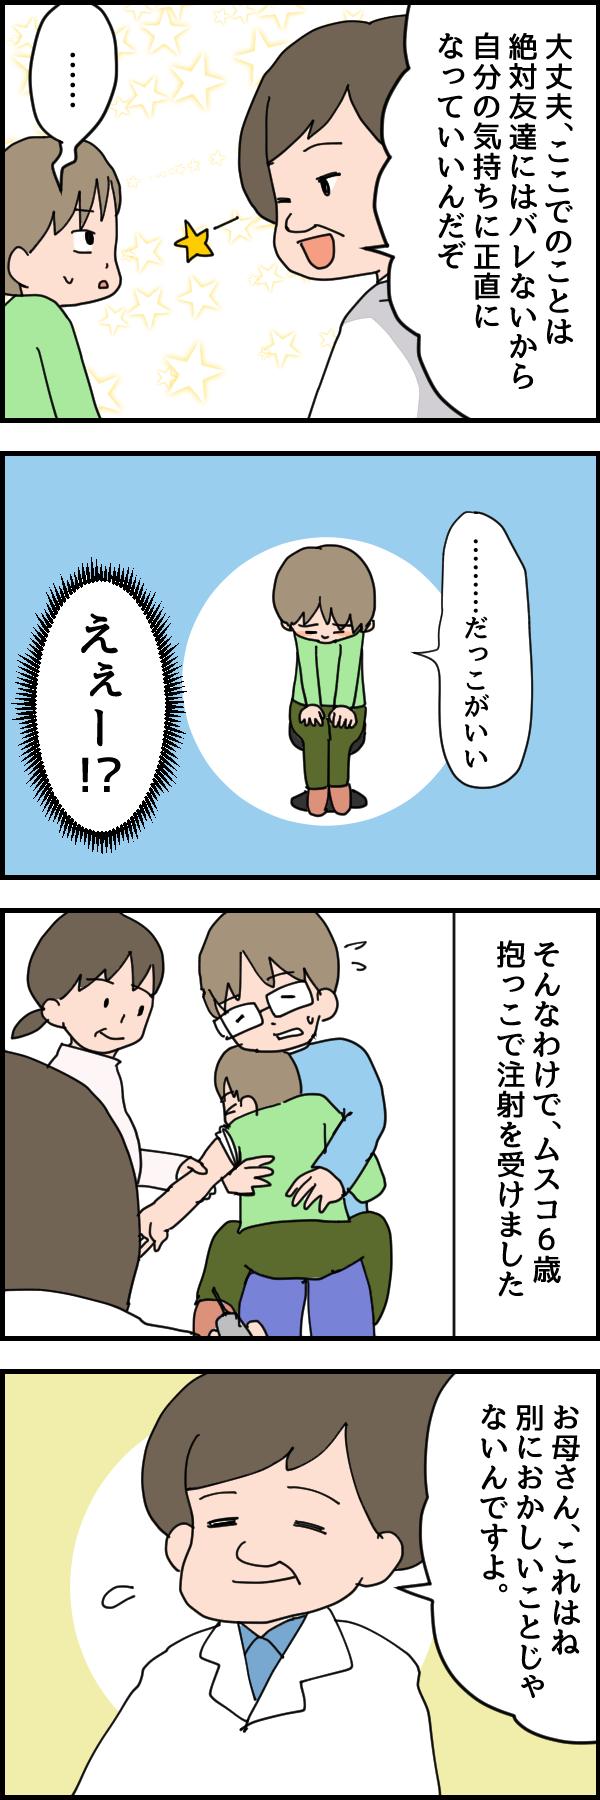 急に怖がりになった理由とは?/え、お母さんと寝ようよぉ…おすすめ記事4選の画像1